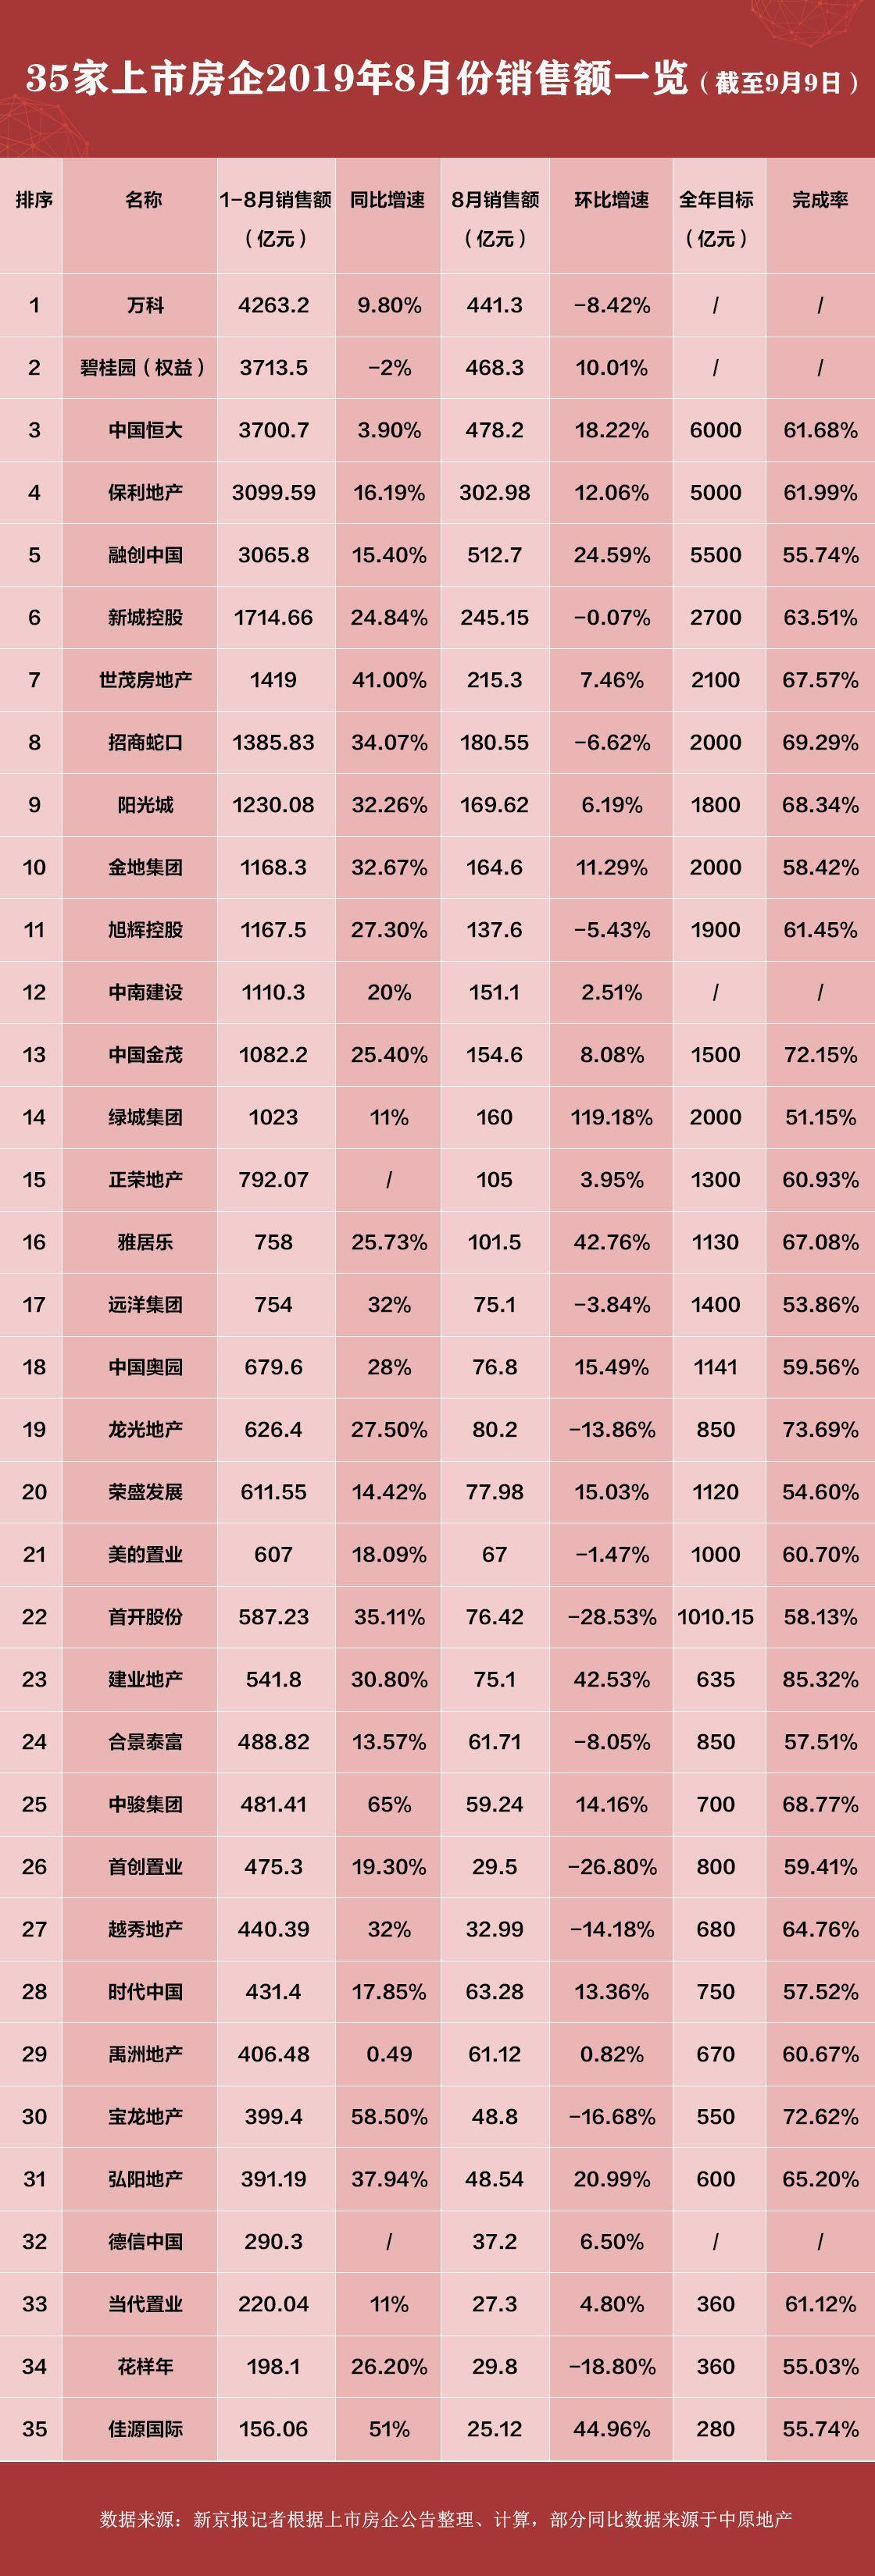 35家房企8月业绩出炉:销售额环比回升 平均增速8.35%